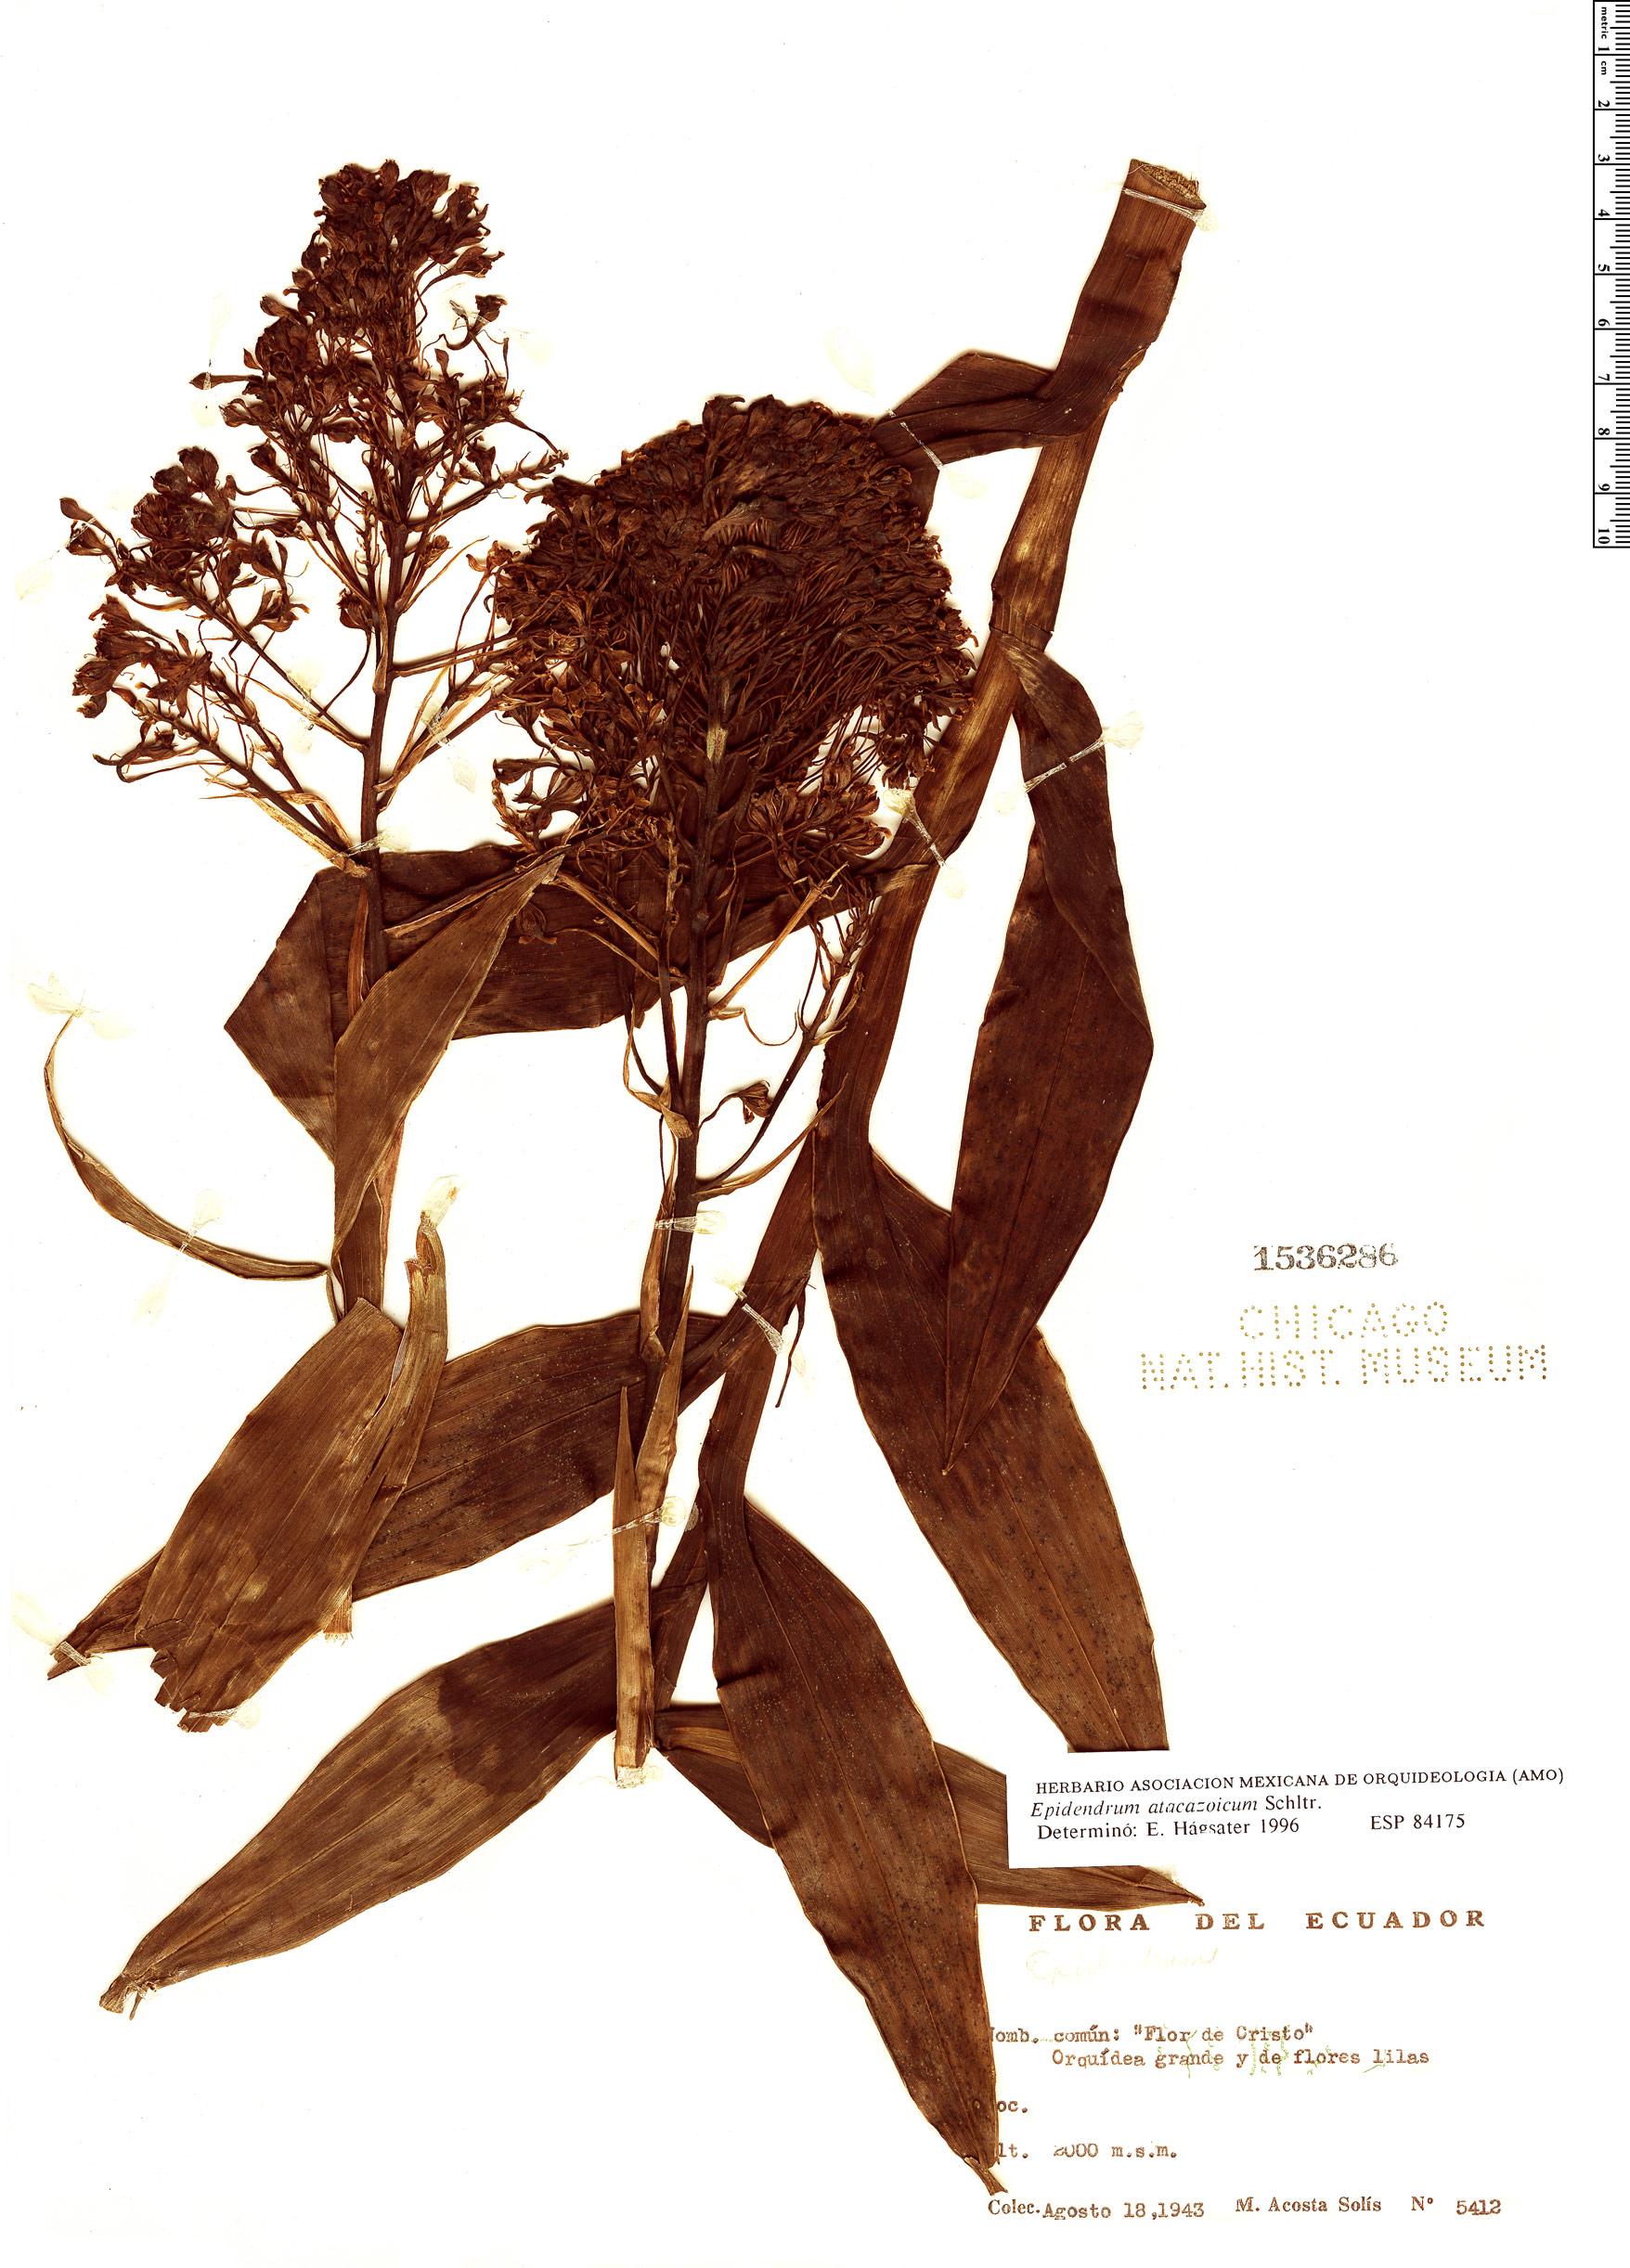 Specimen: Epidendrum atacazoicum